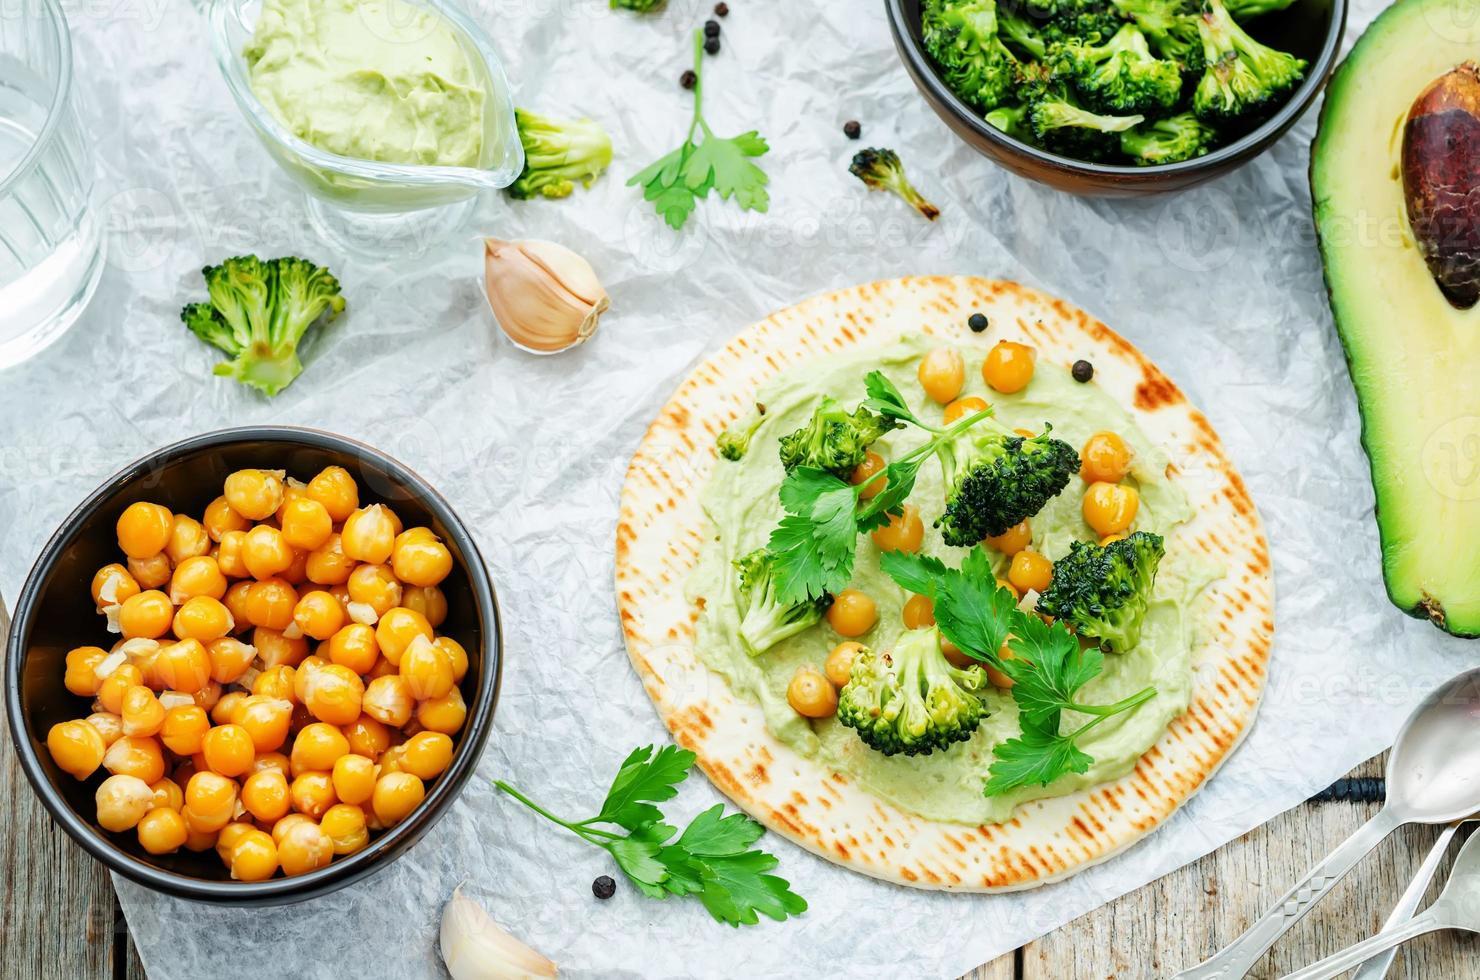 tortilla vegana com brócolis assado e grão de bico e molho de abacate foto